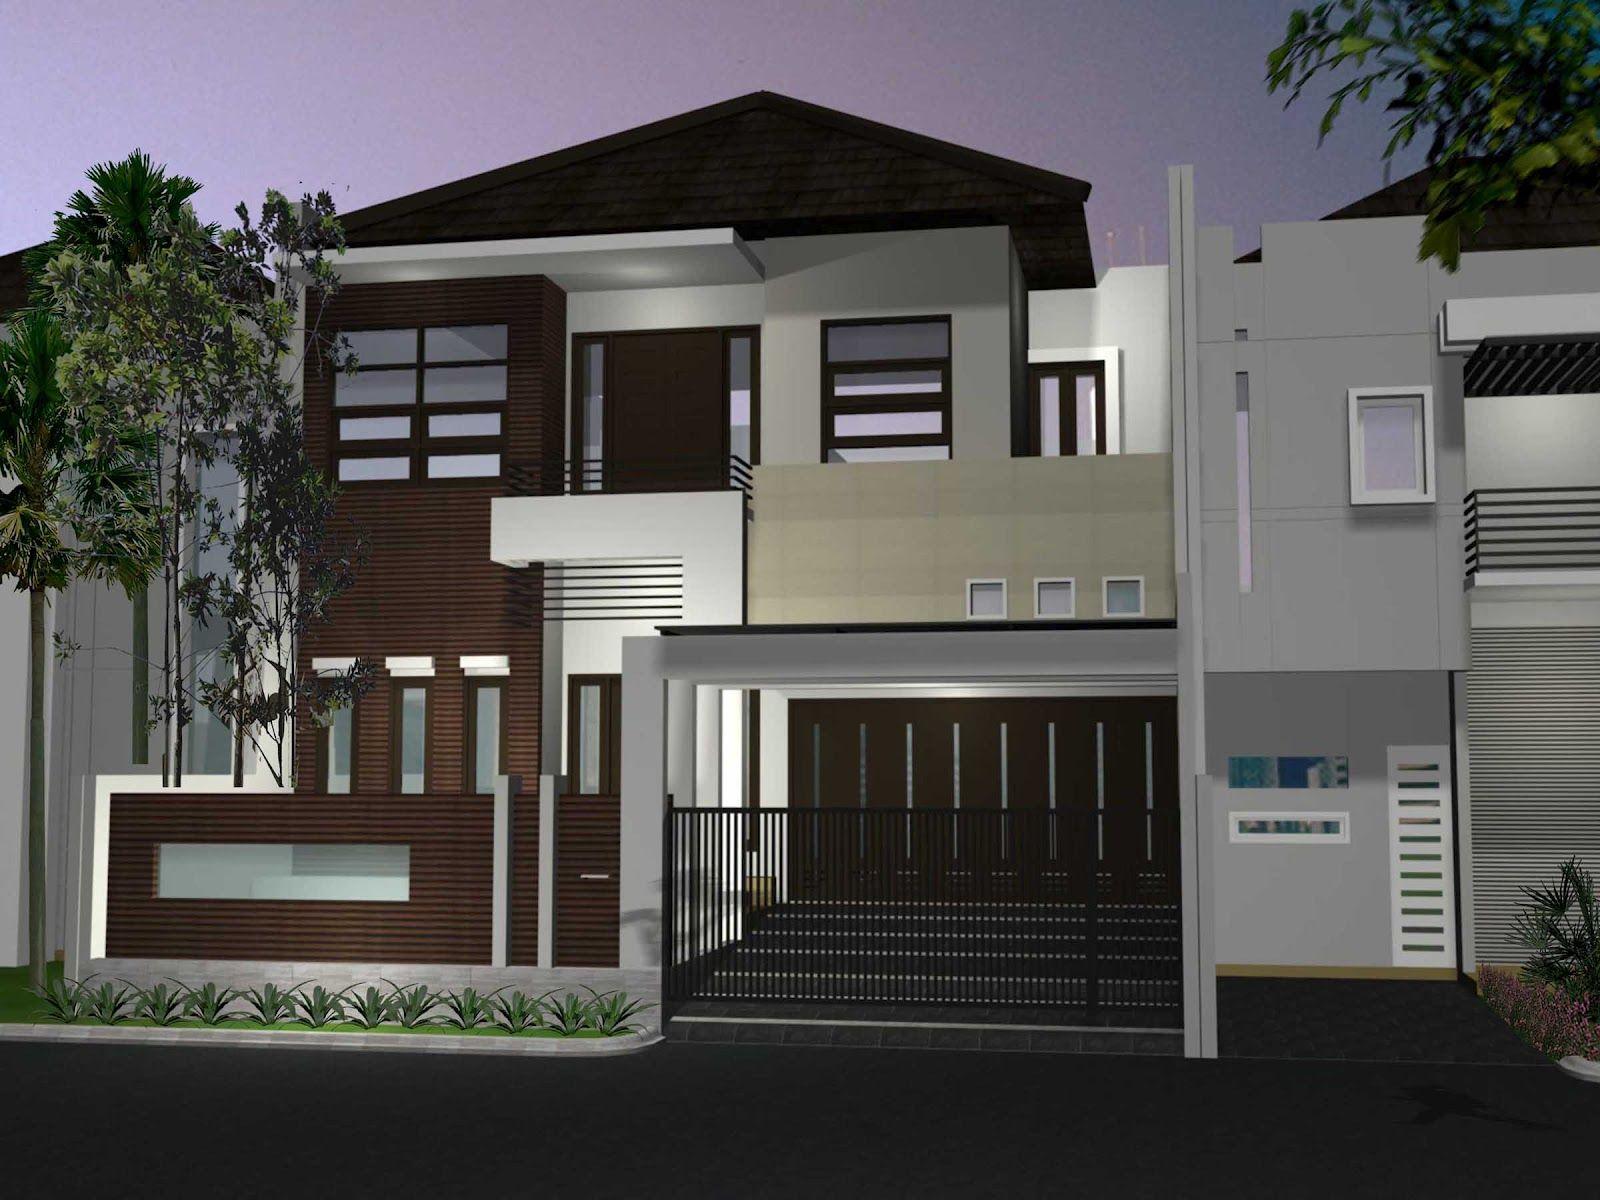 Struktur Gambar Merencanakan Desain Rumah 2 Lantai » Gambar 14 ...